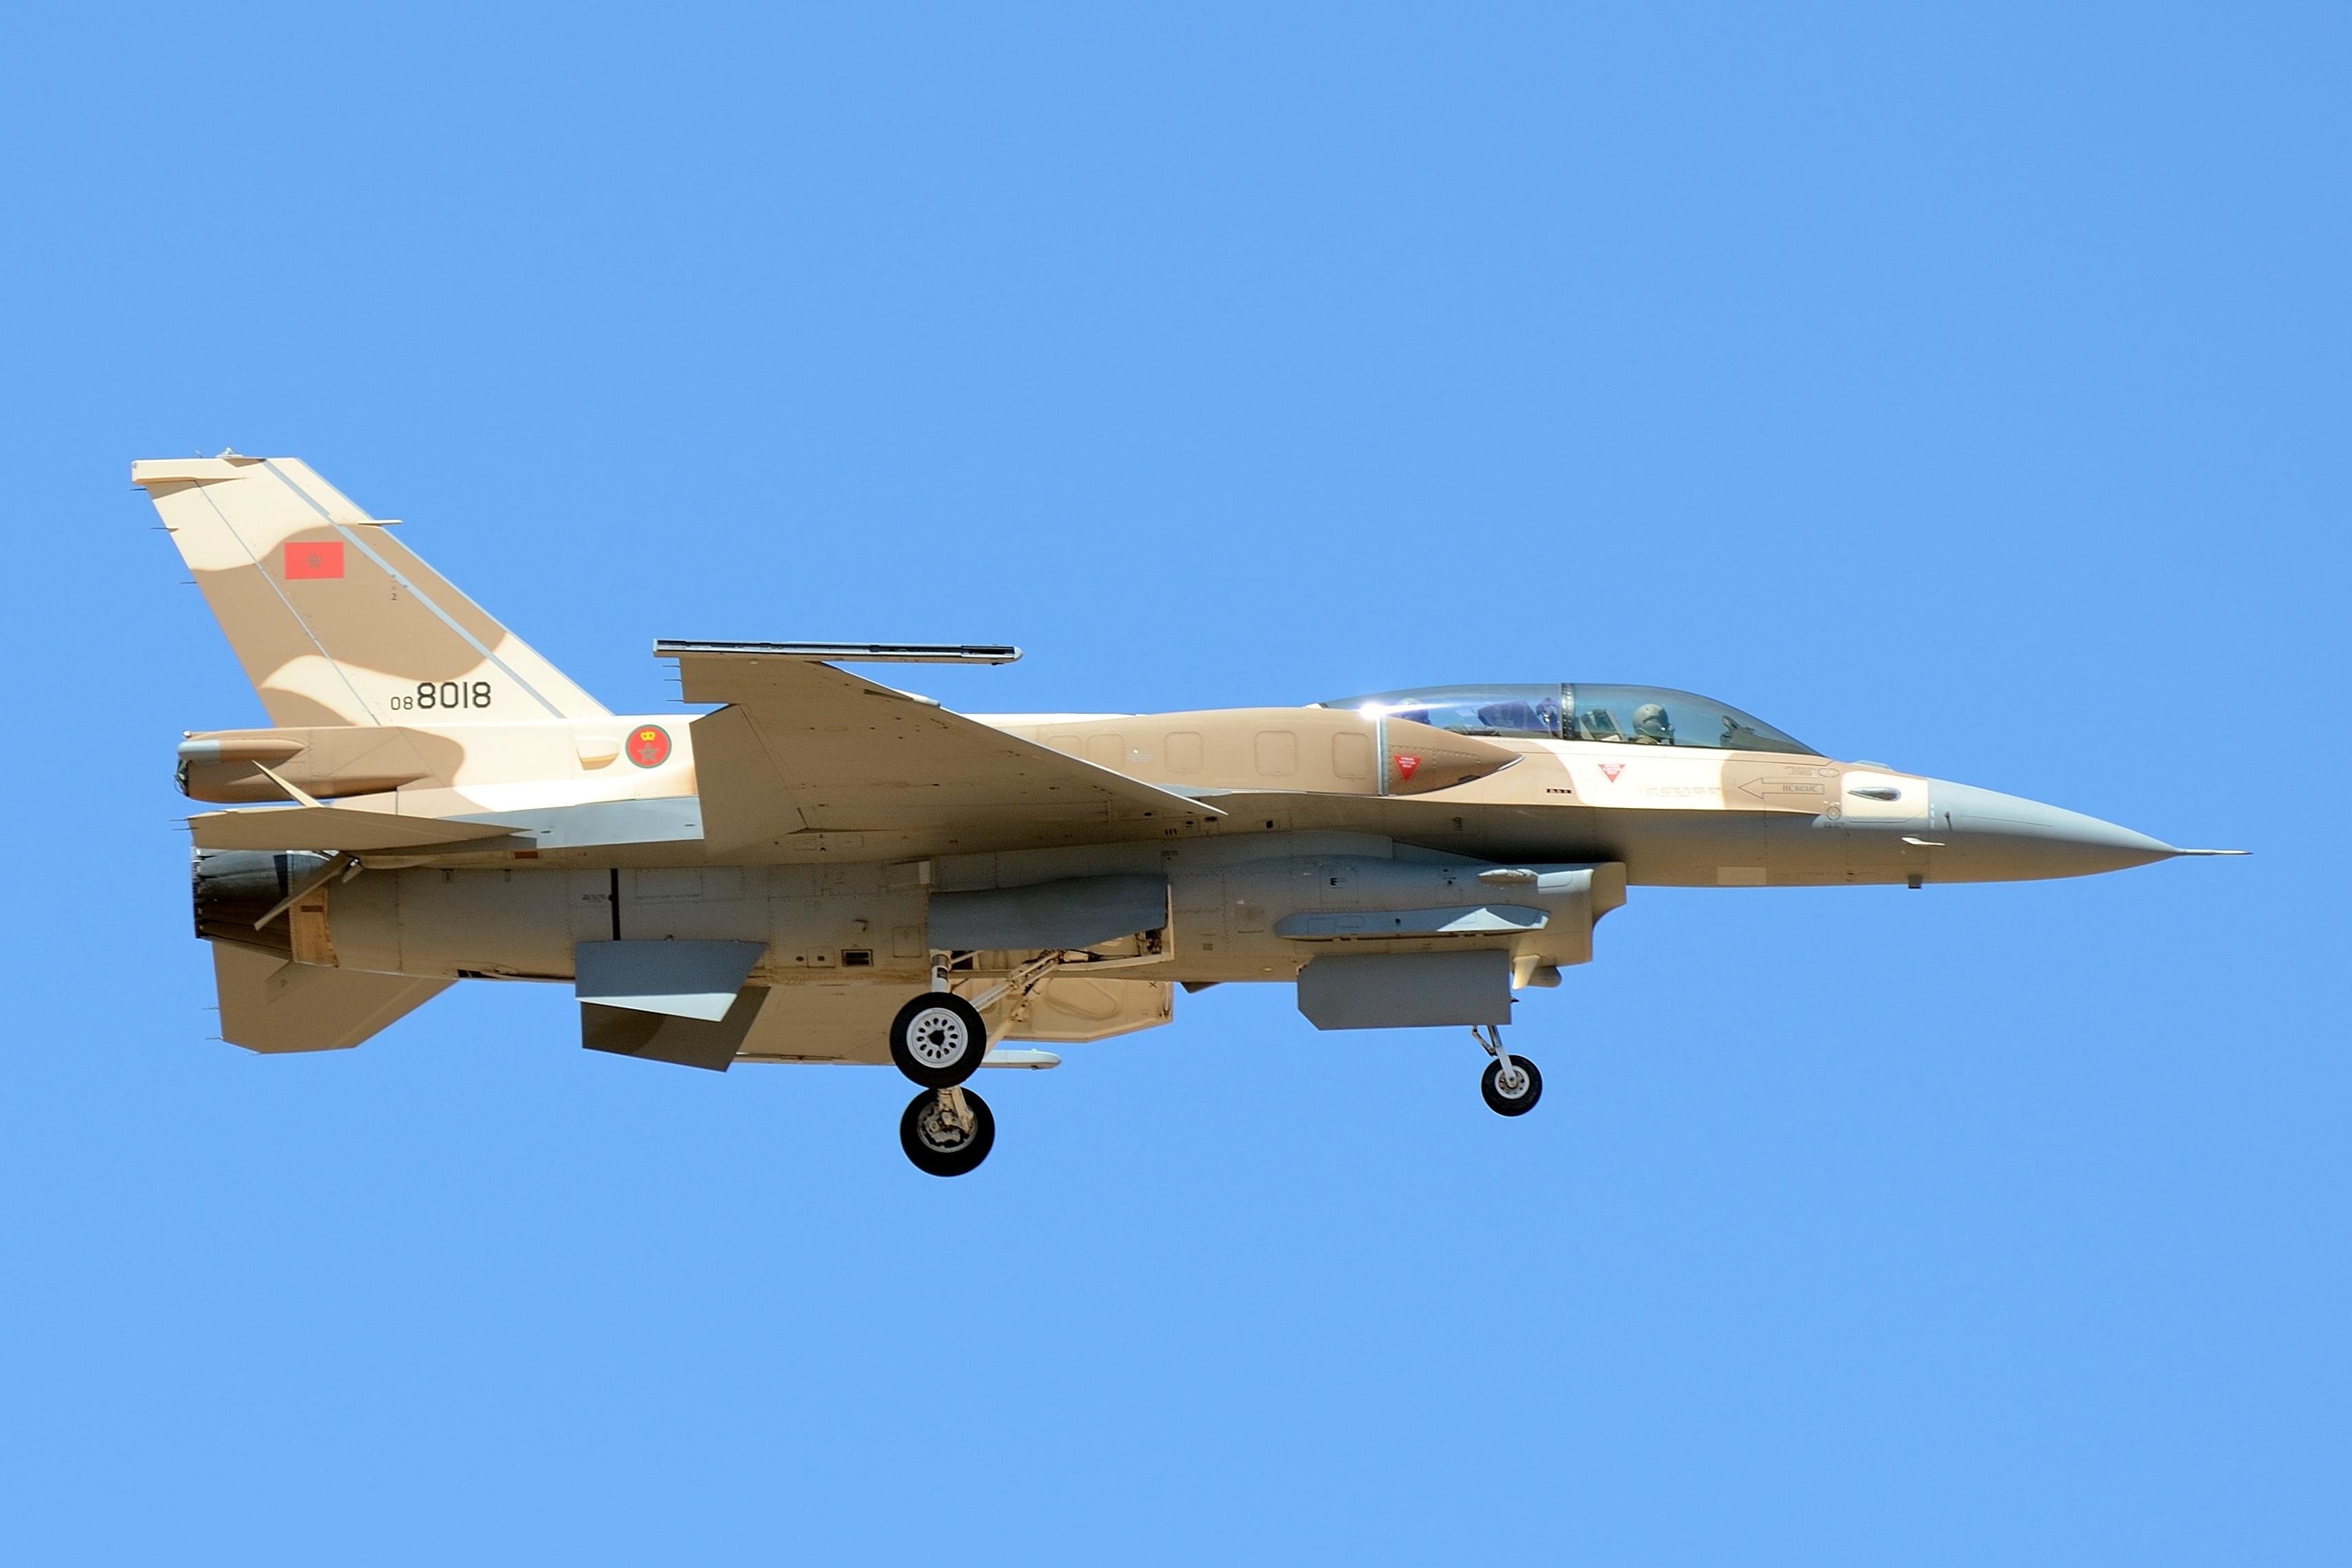 Moroccan F-16 Atlas Falcon / RMAF F16 block 52+ - Page 31 32400027272_c14f3fa909_o